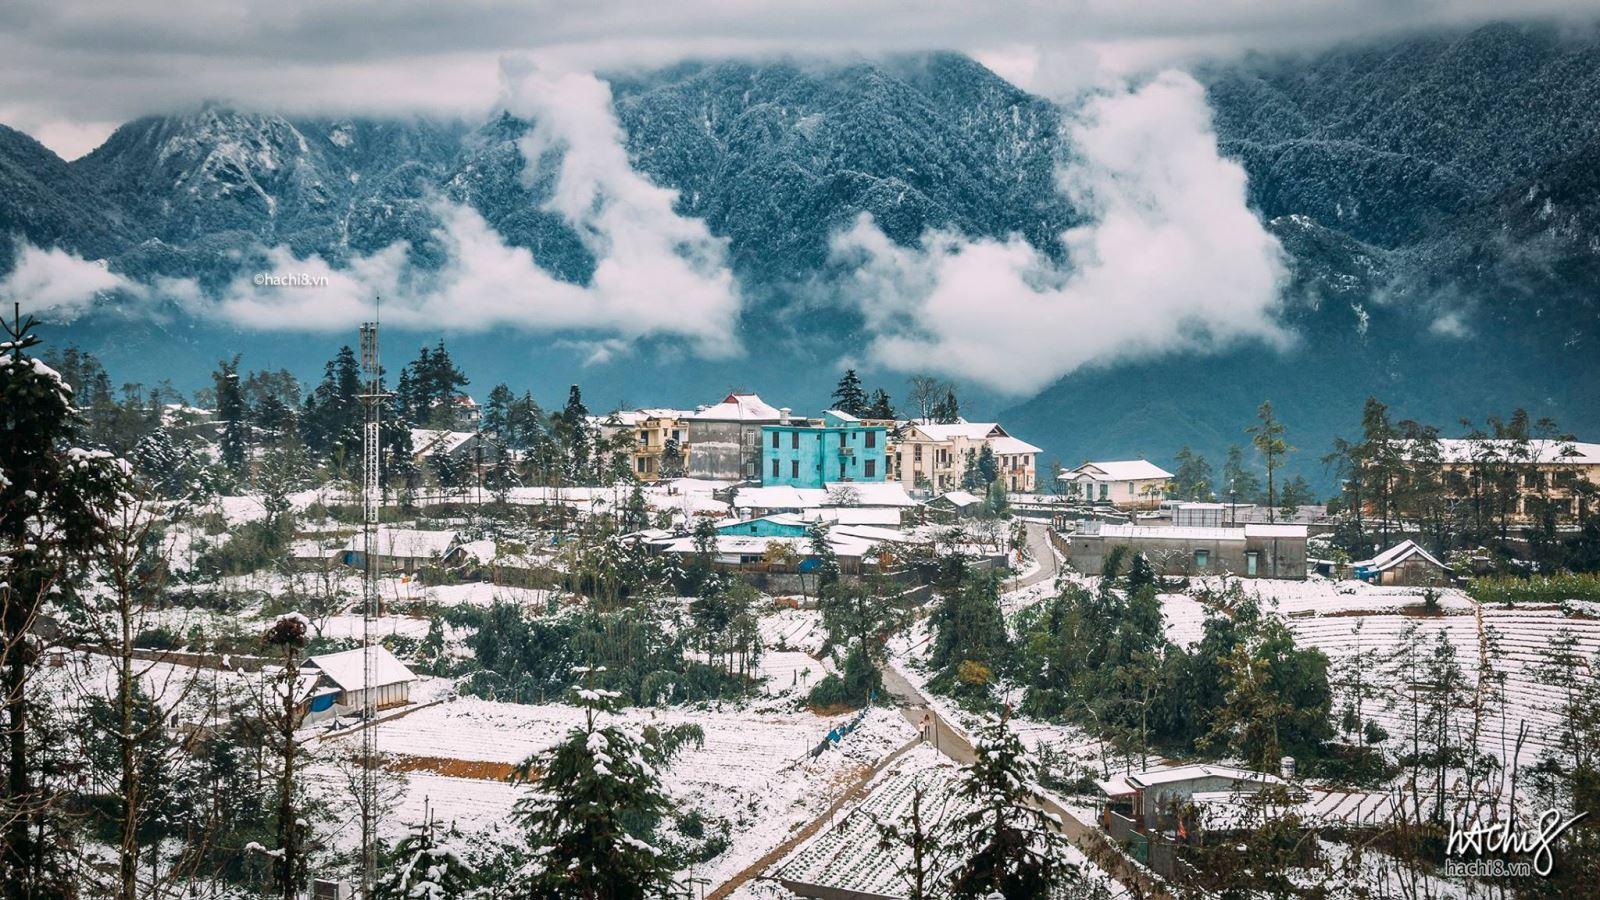 Hình ảnh thị trấn tuyết phủ cực đẹp